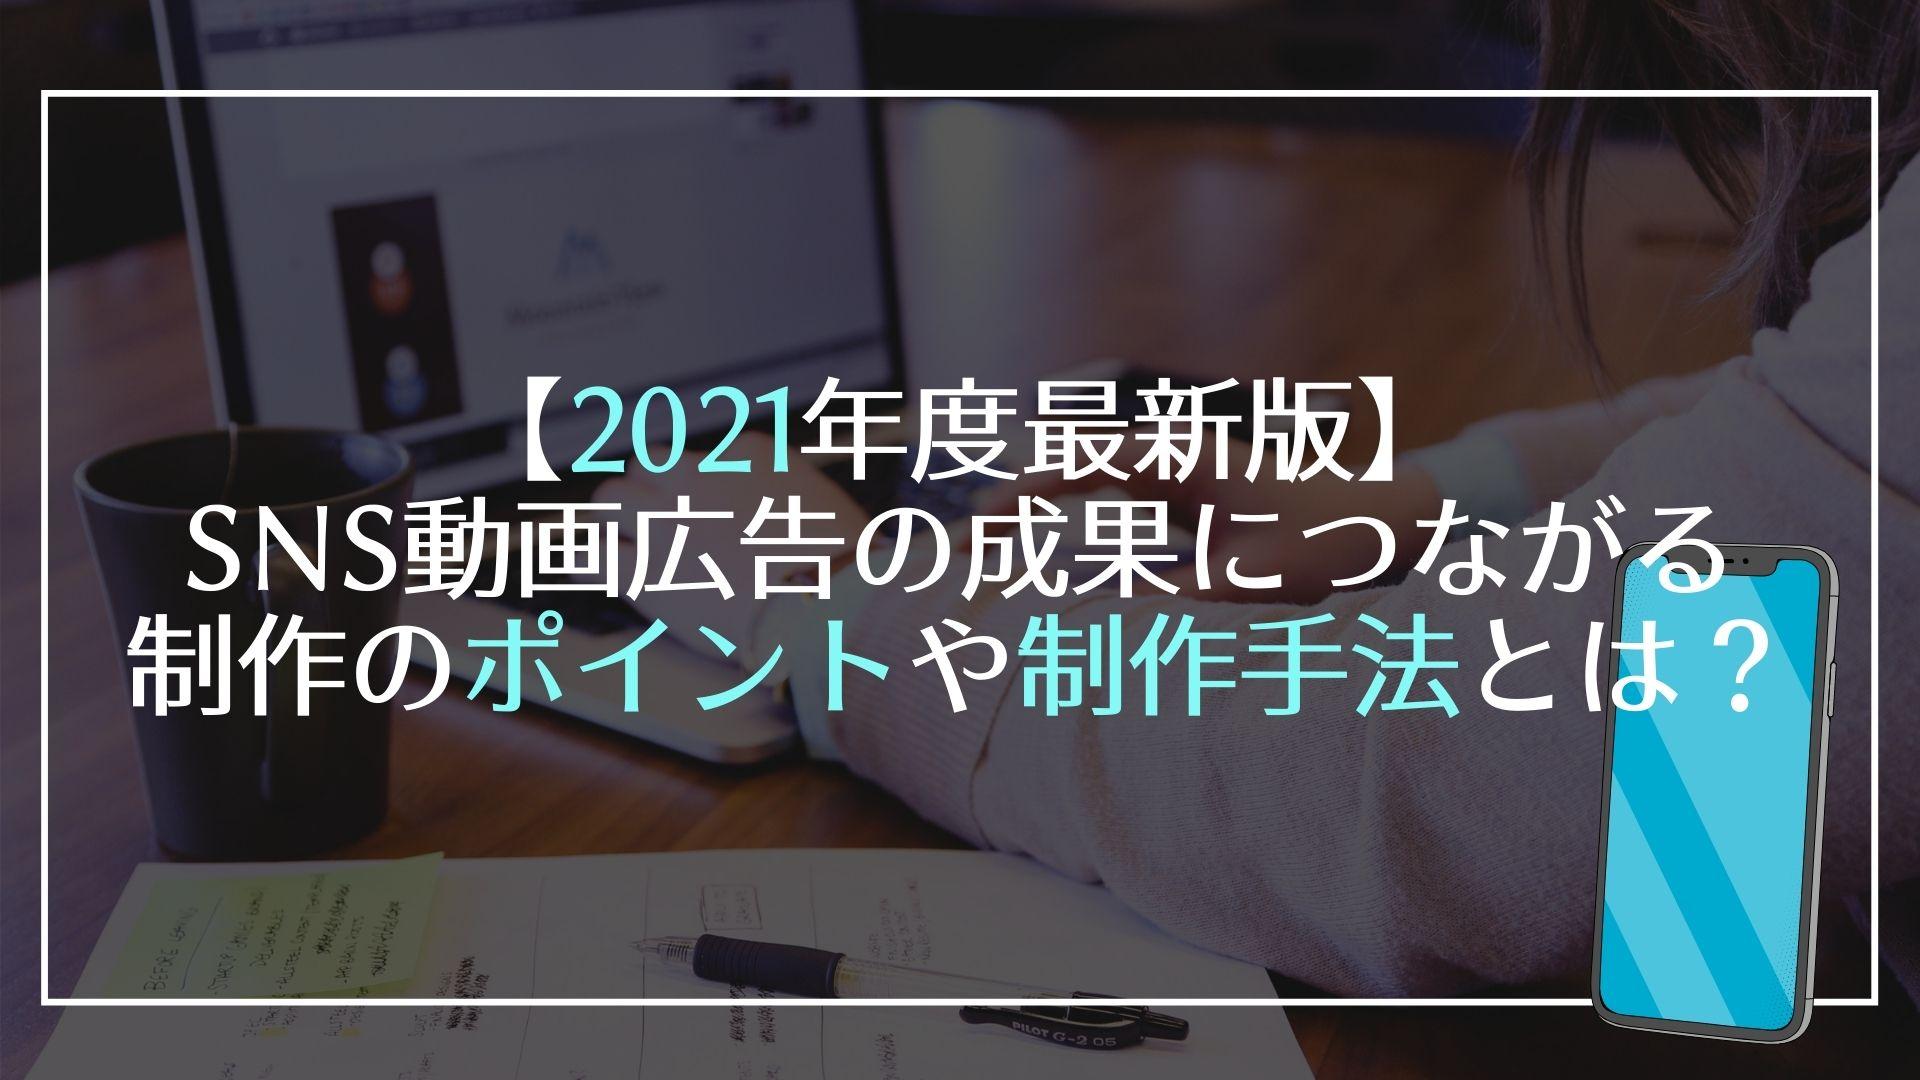 【2021年度最新版】SNS動画広告の成果につながる制作のポイントや制作手法とは?